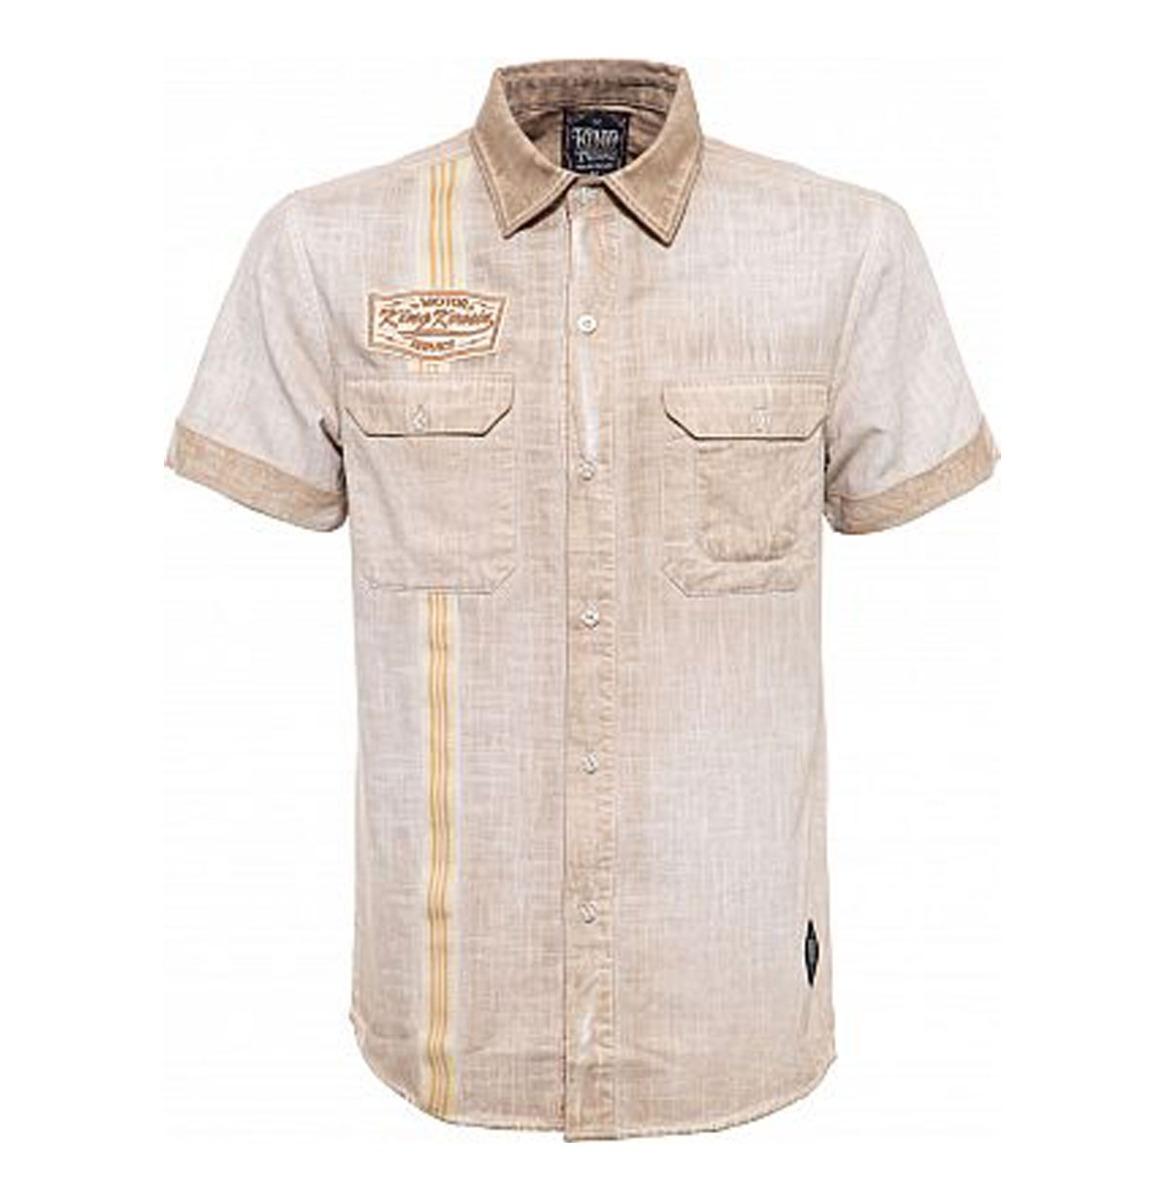 King Kerosin Motor Service Worker Shirt Beige